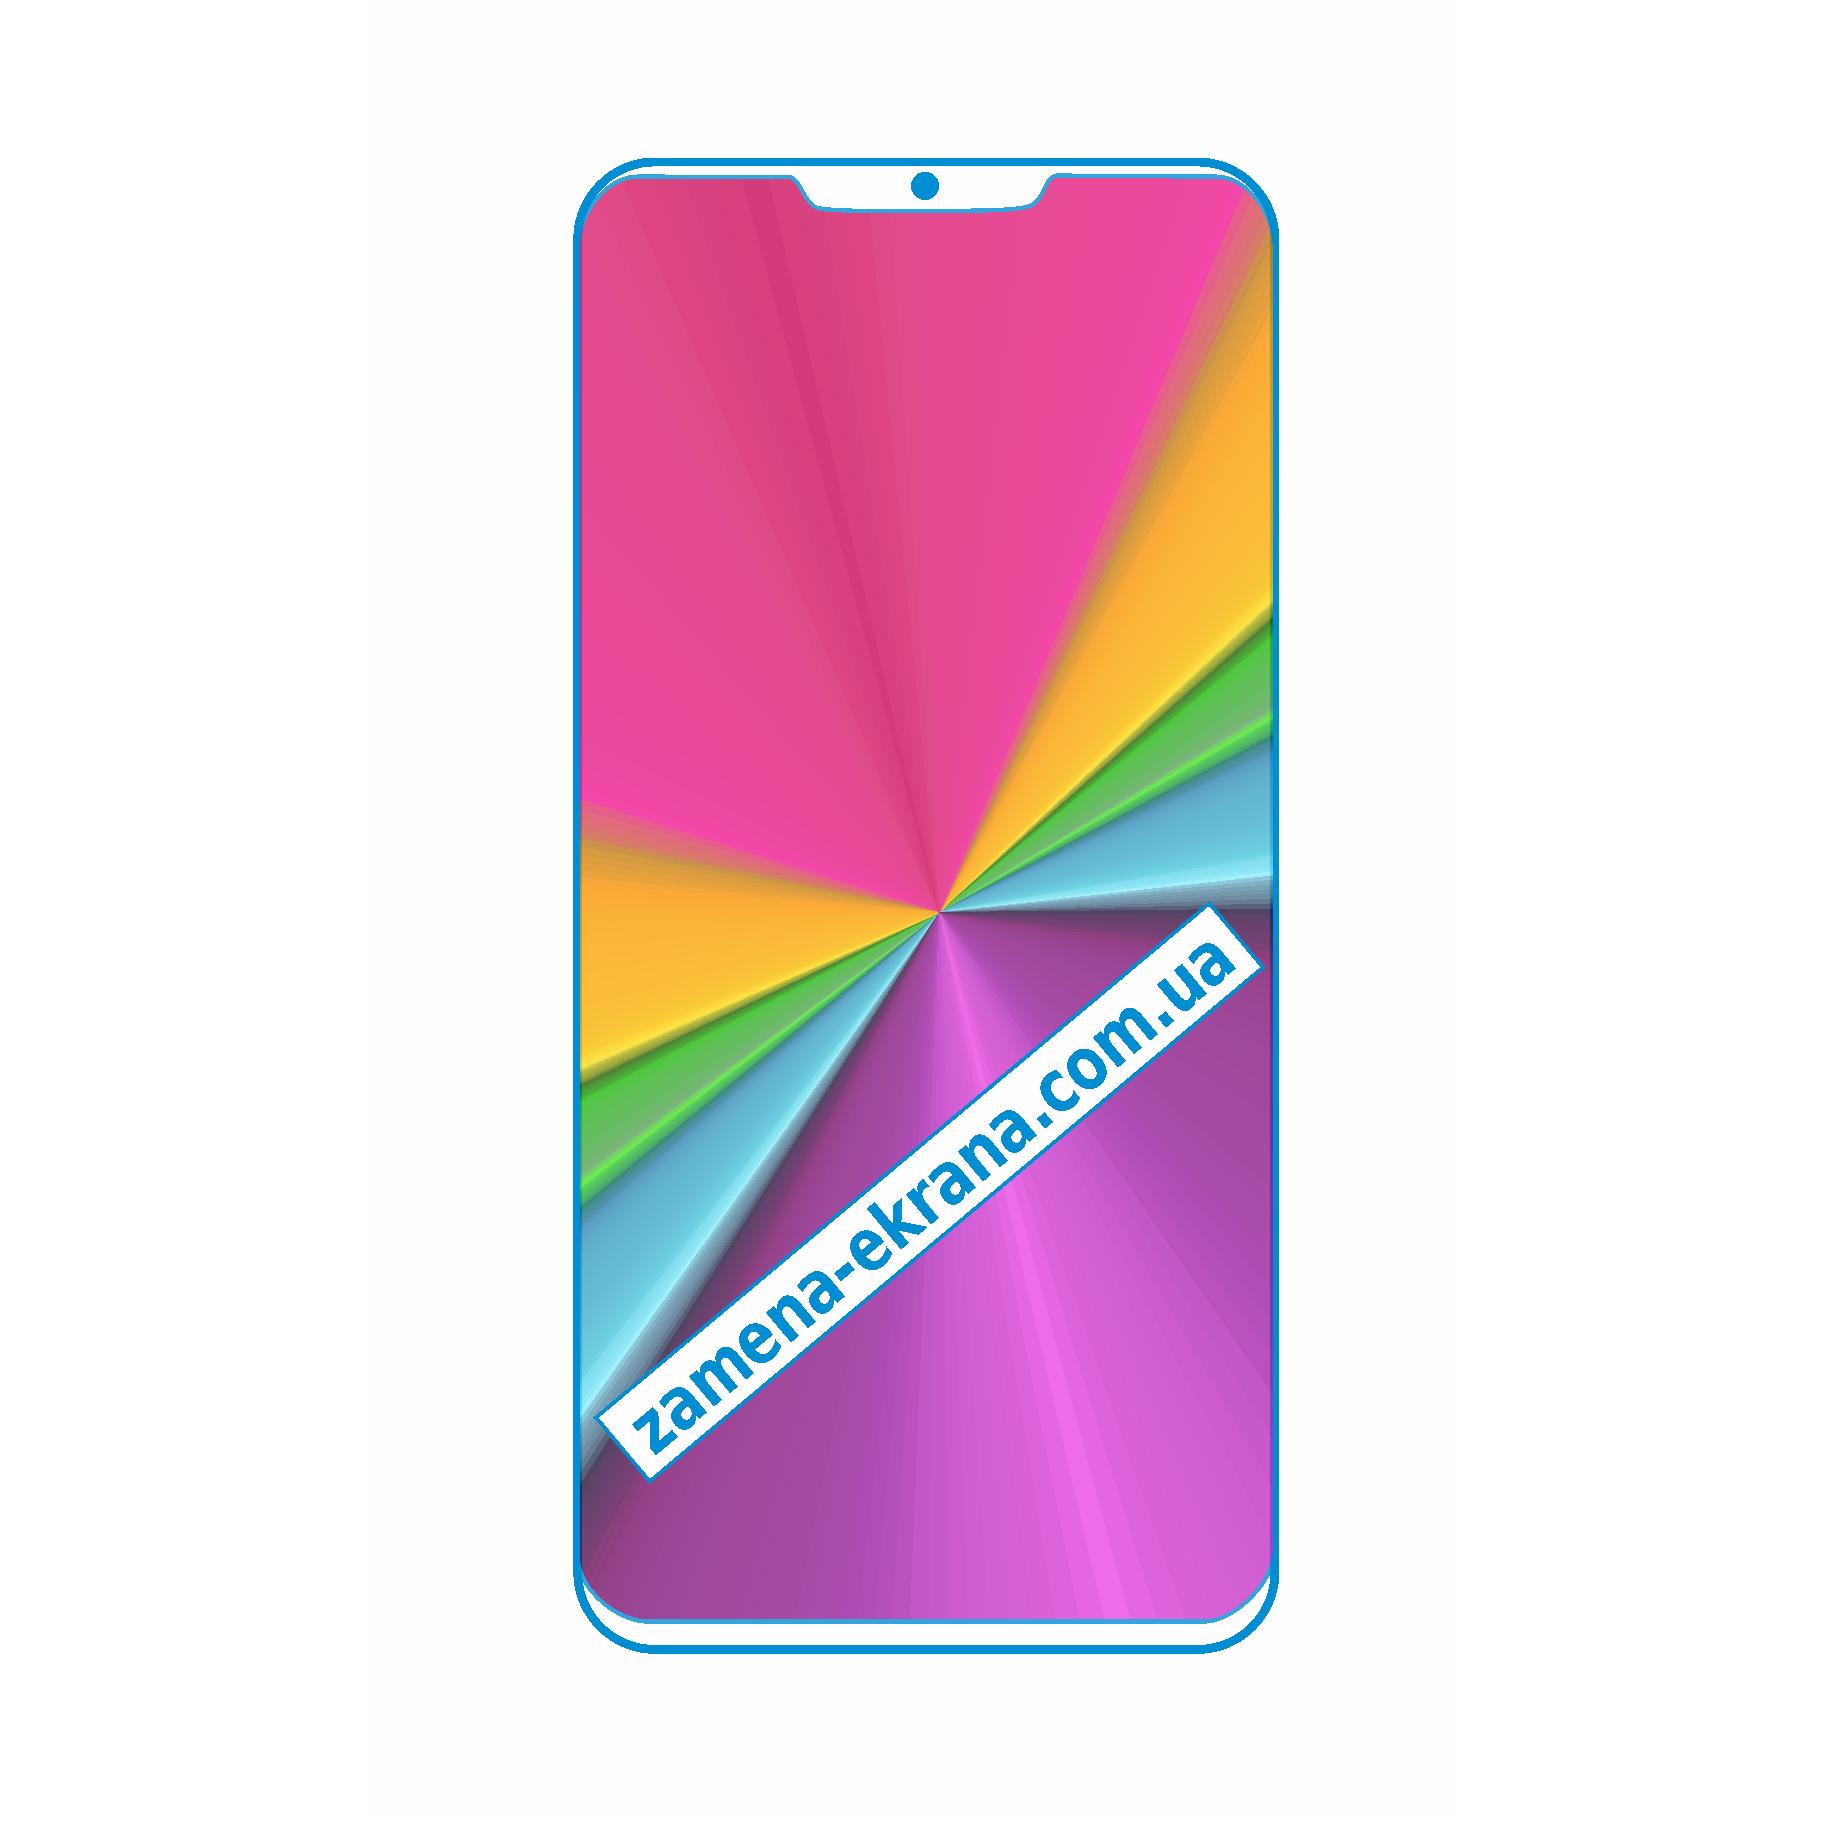 стекло для наклейки Huawei mate 30 pro